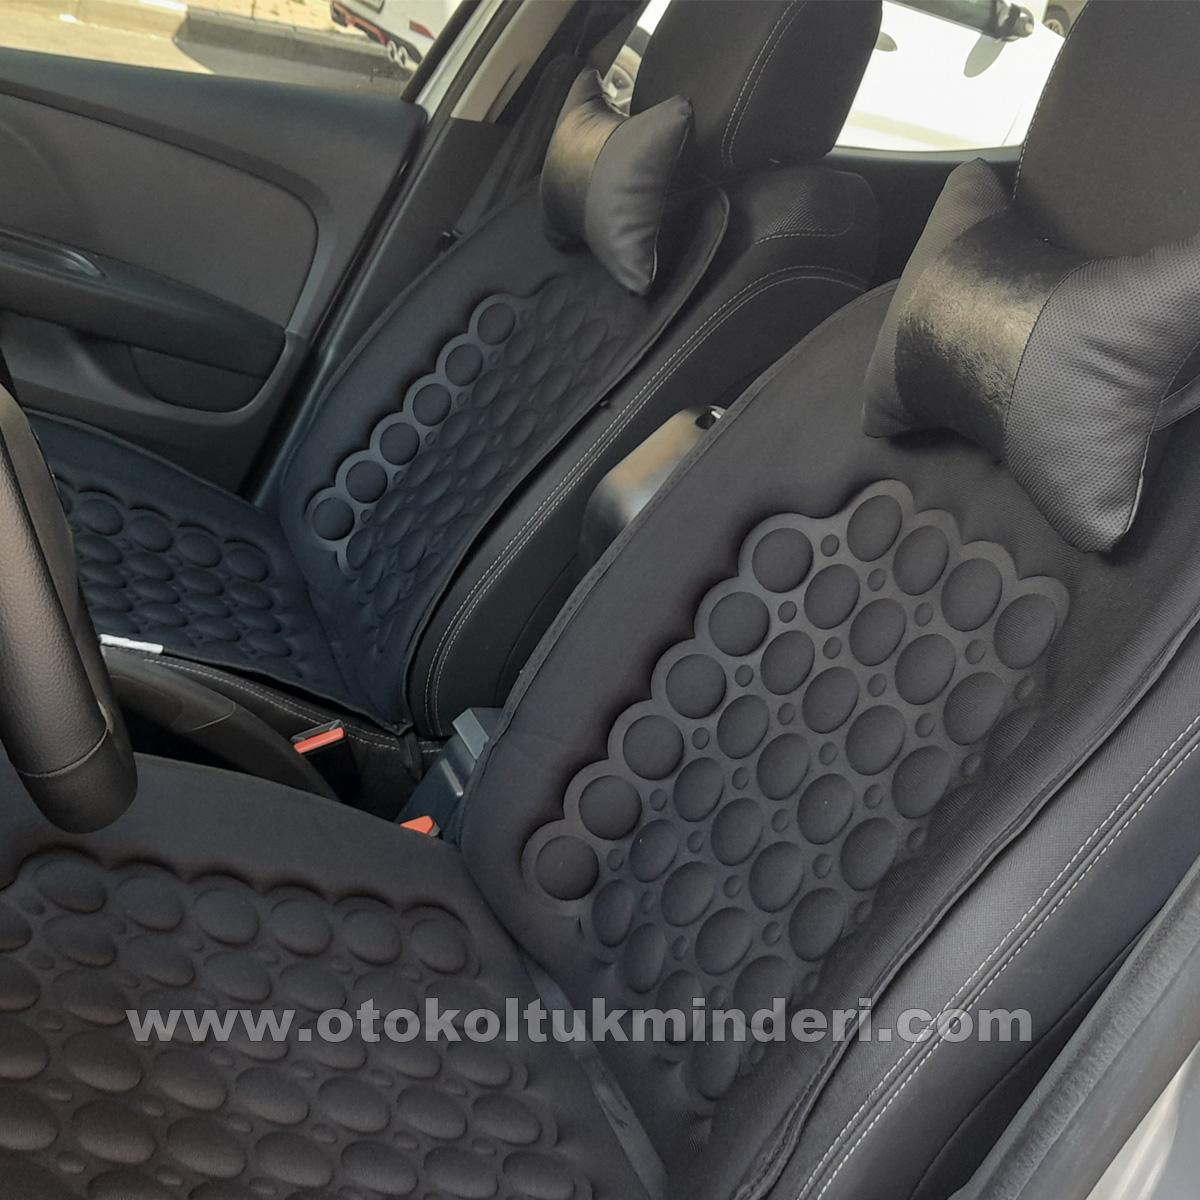 Dacia koltuk kılıfı - Dacia uyumlu koltuk minderi